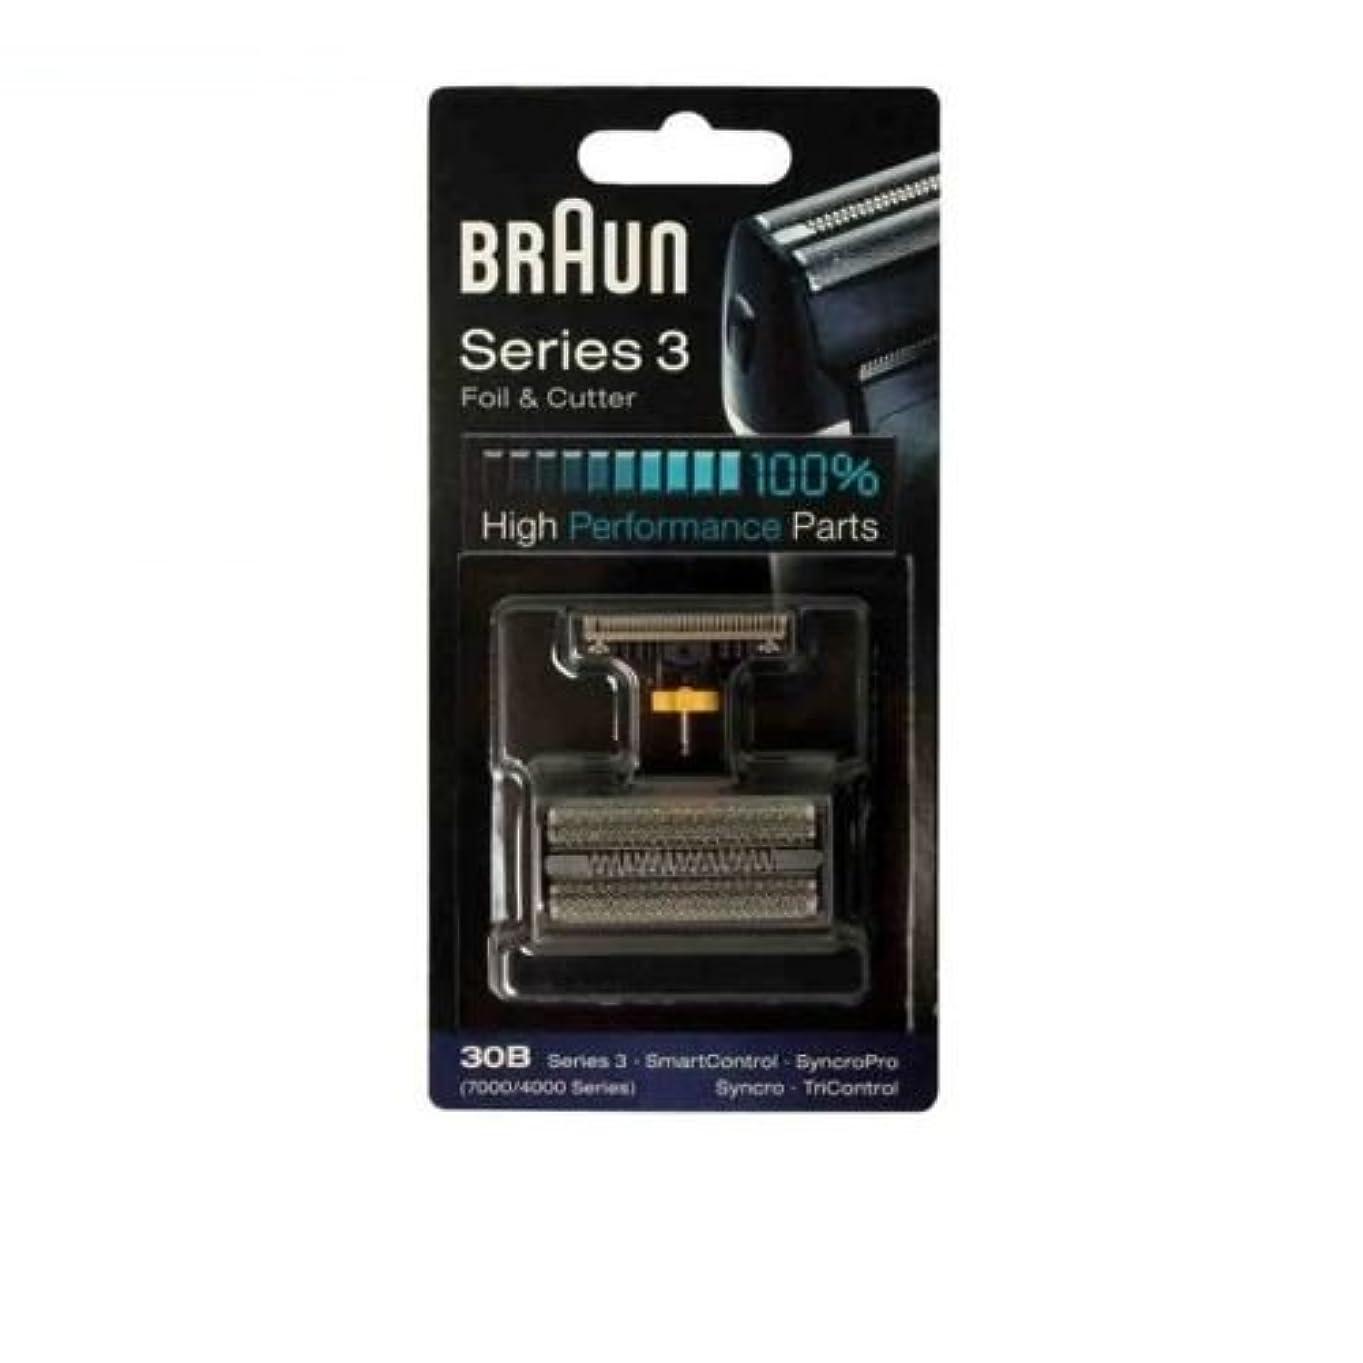 小競り合い男らしい重量Braun 30B コンビ 30B フォイルカッターの交換パック(4000分の7000シリーズ) [並行輸入品]